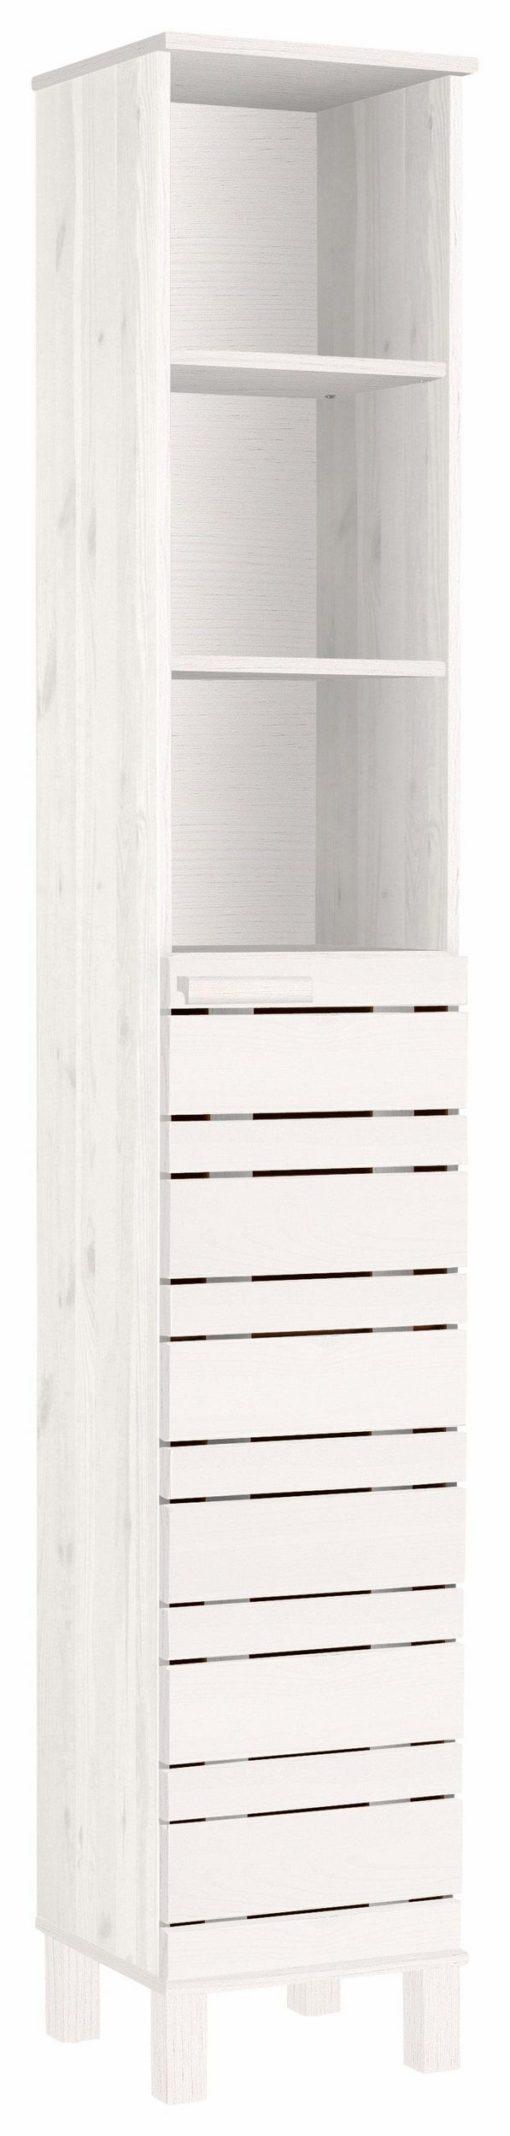 Wysoka szafka łazienkowa w kolorze białym, drewno